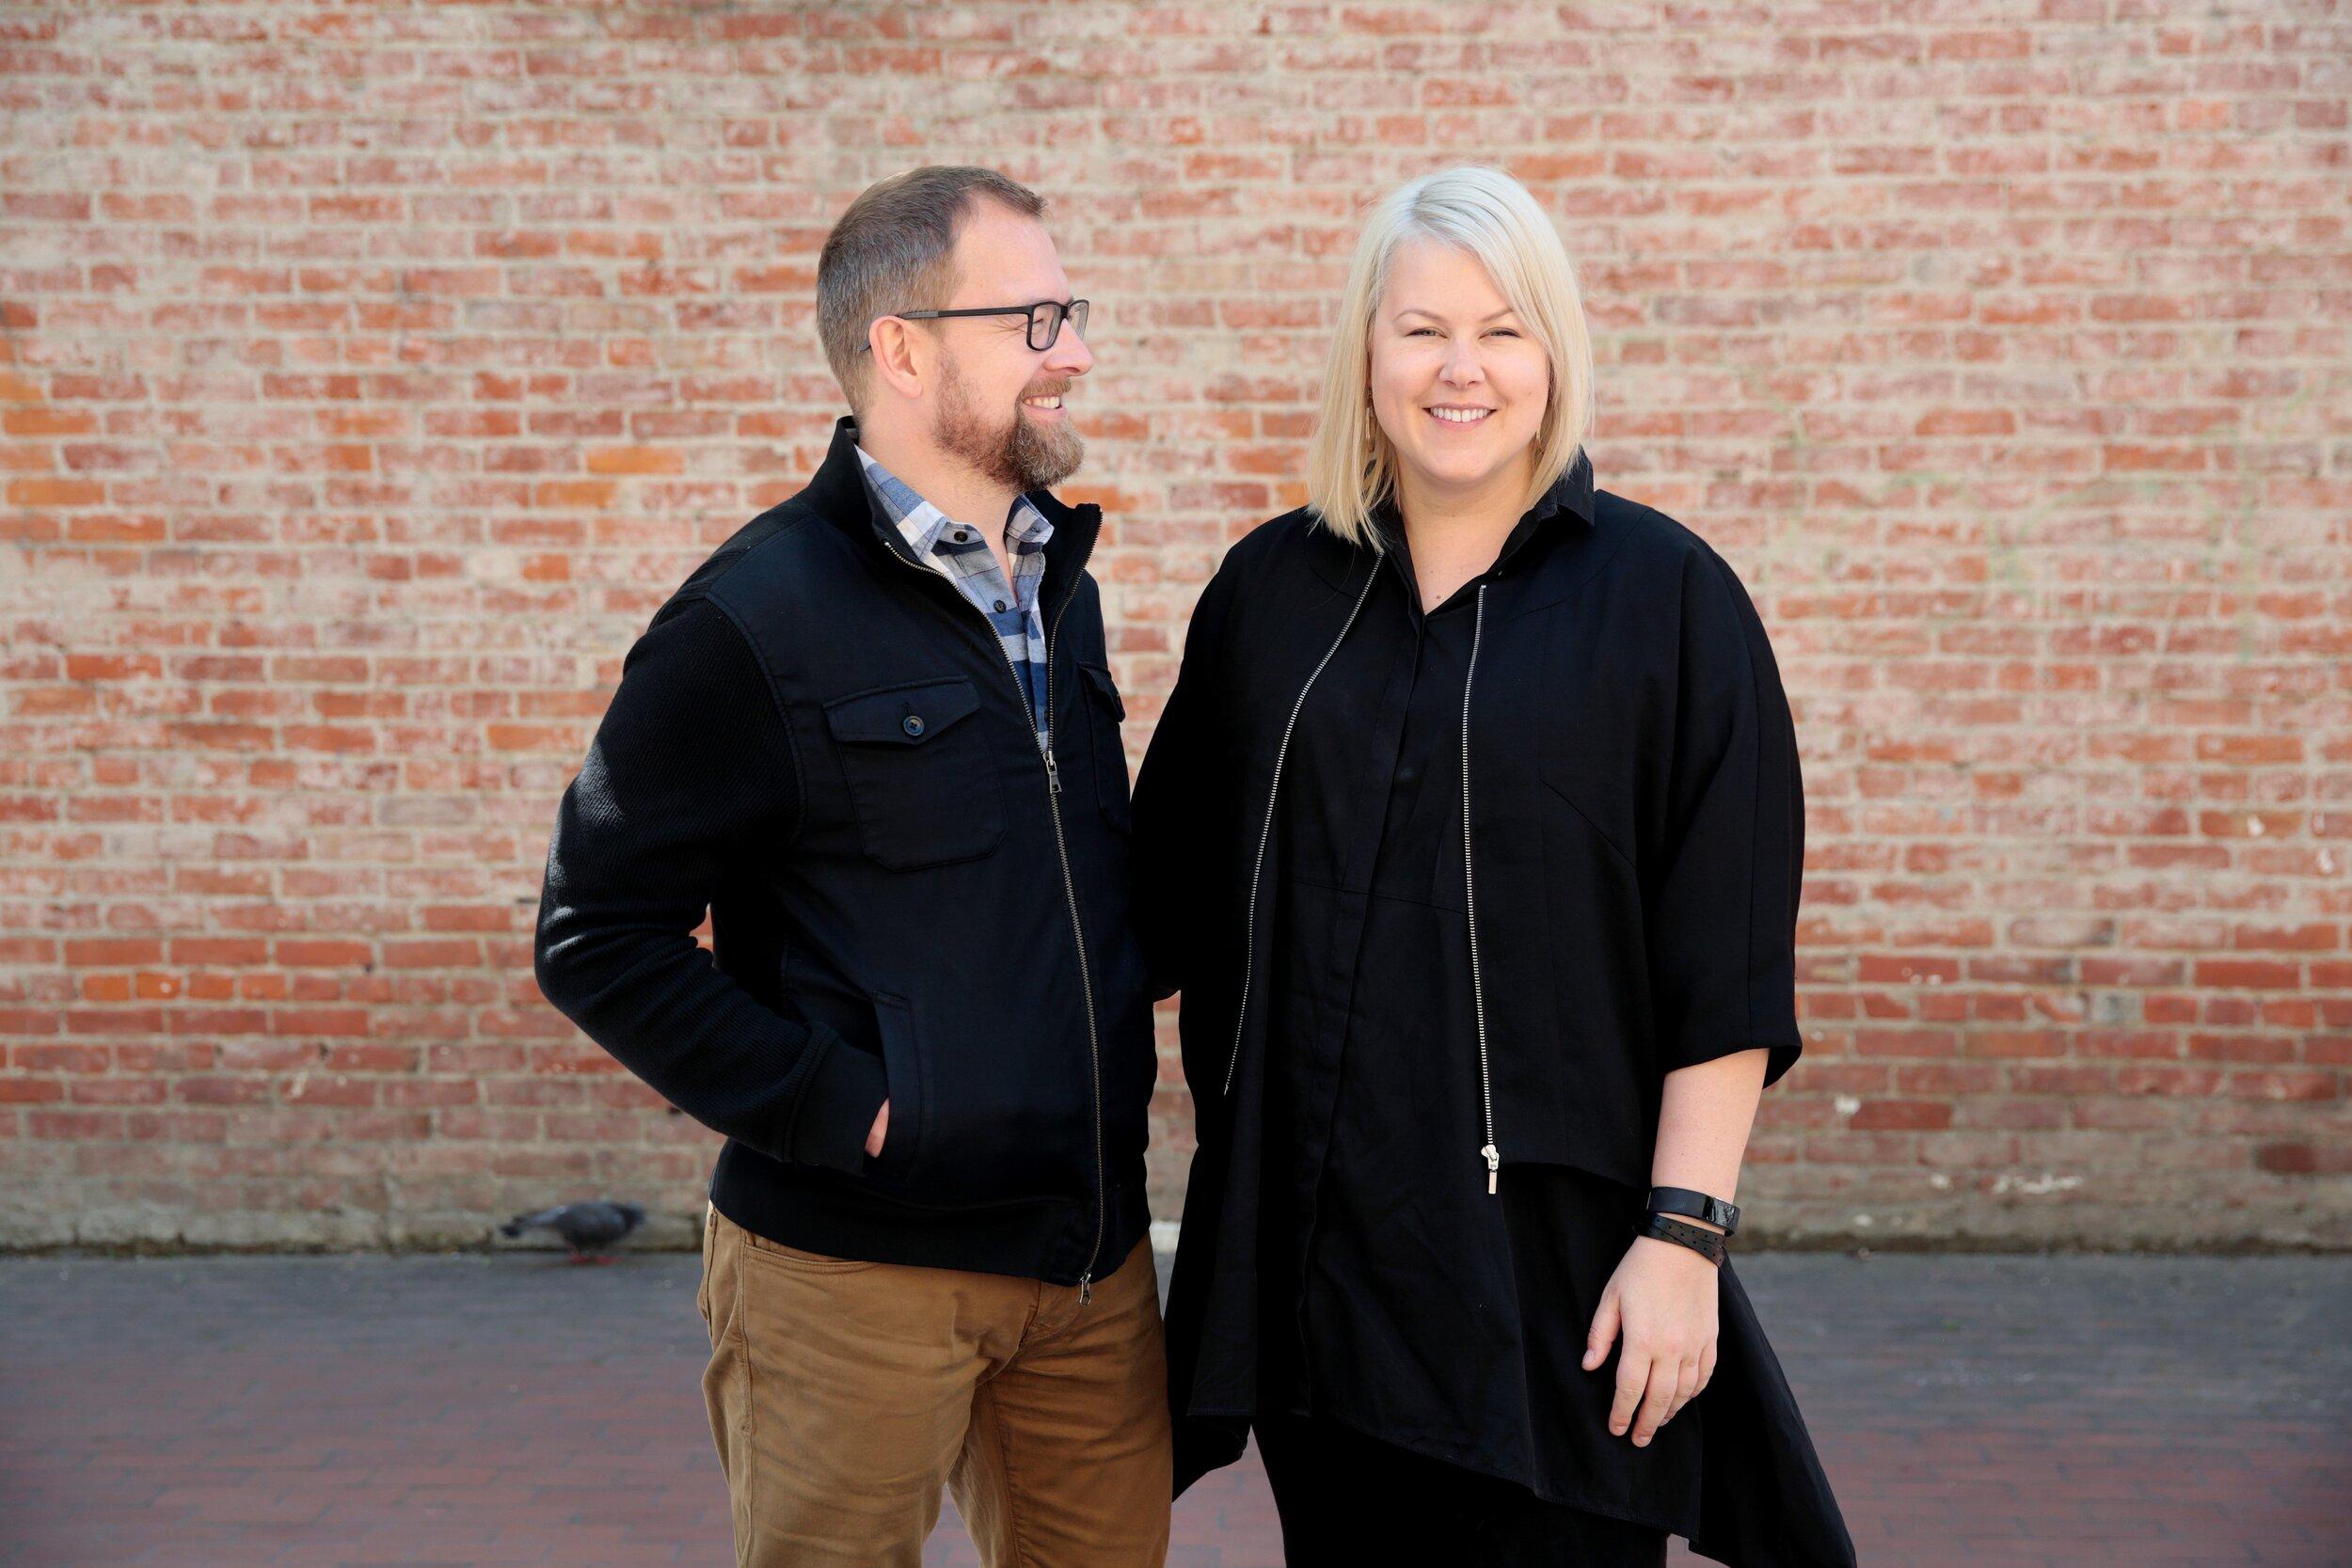 Seth and Melissa Hanley by Ramin Rahimian. Image courtesy of Ramin Rahimian